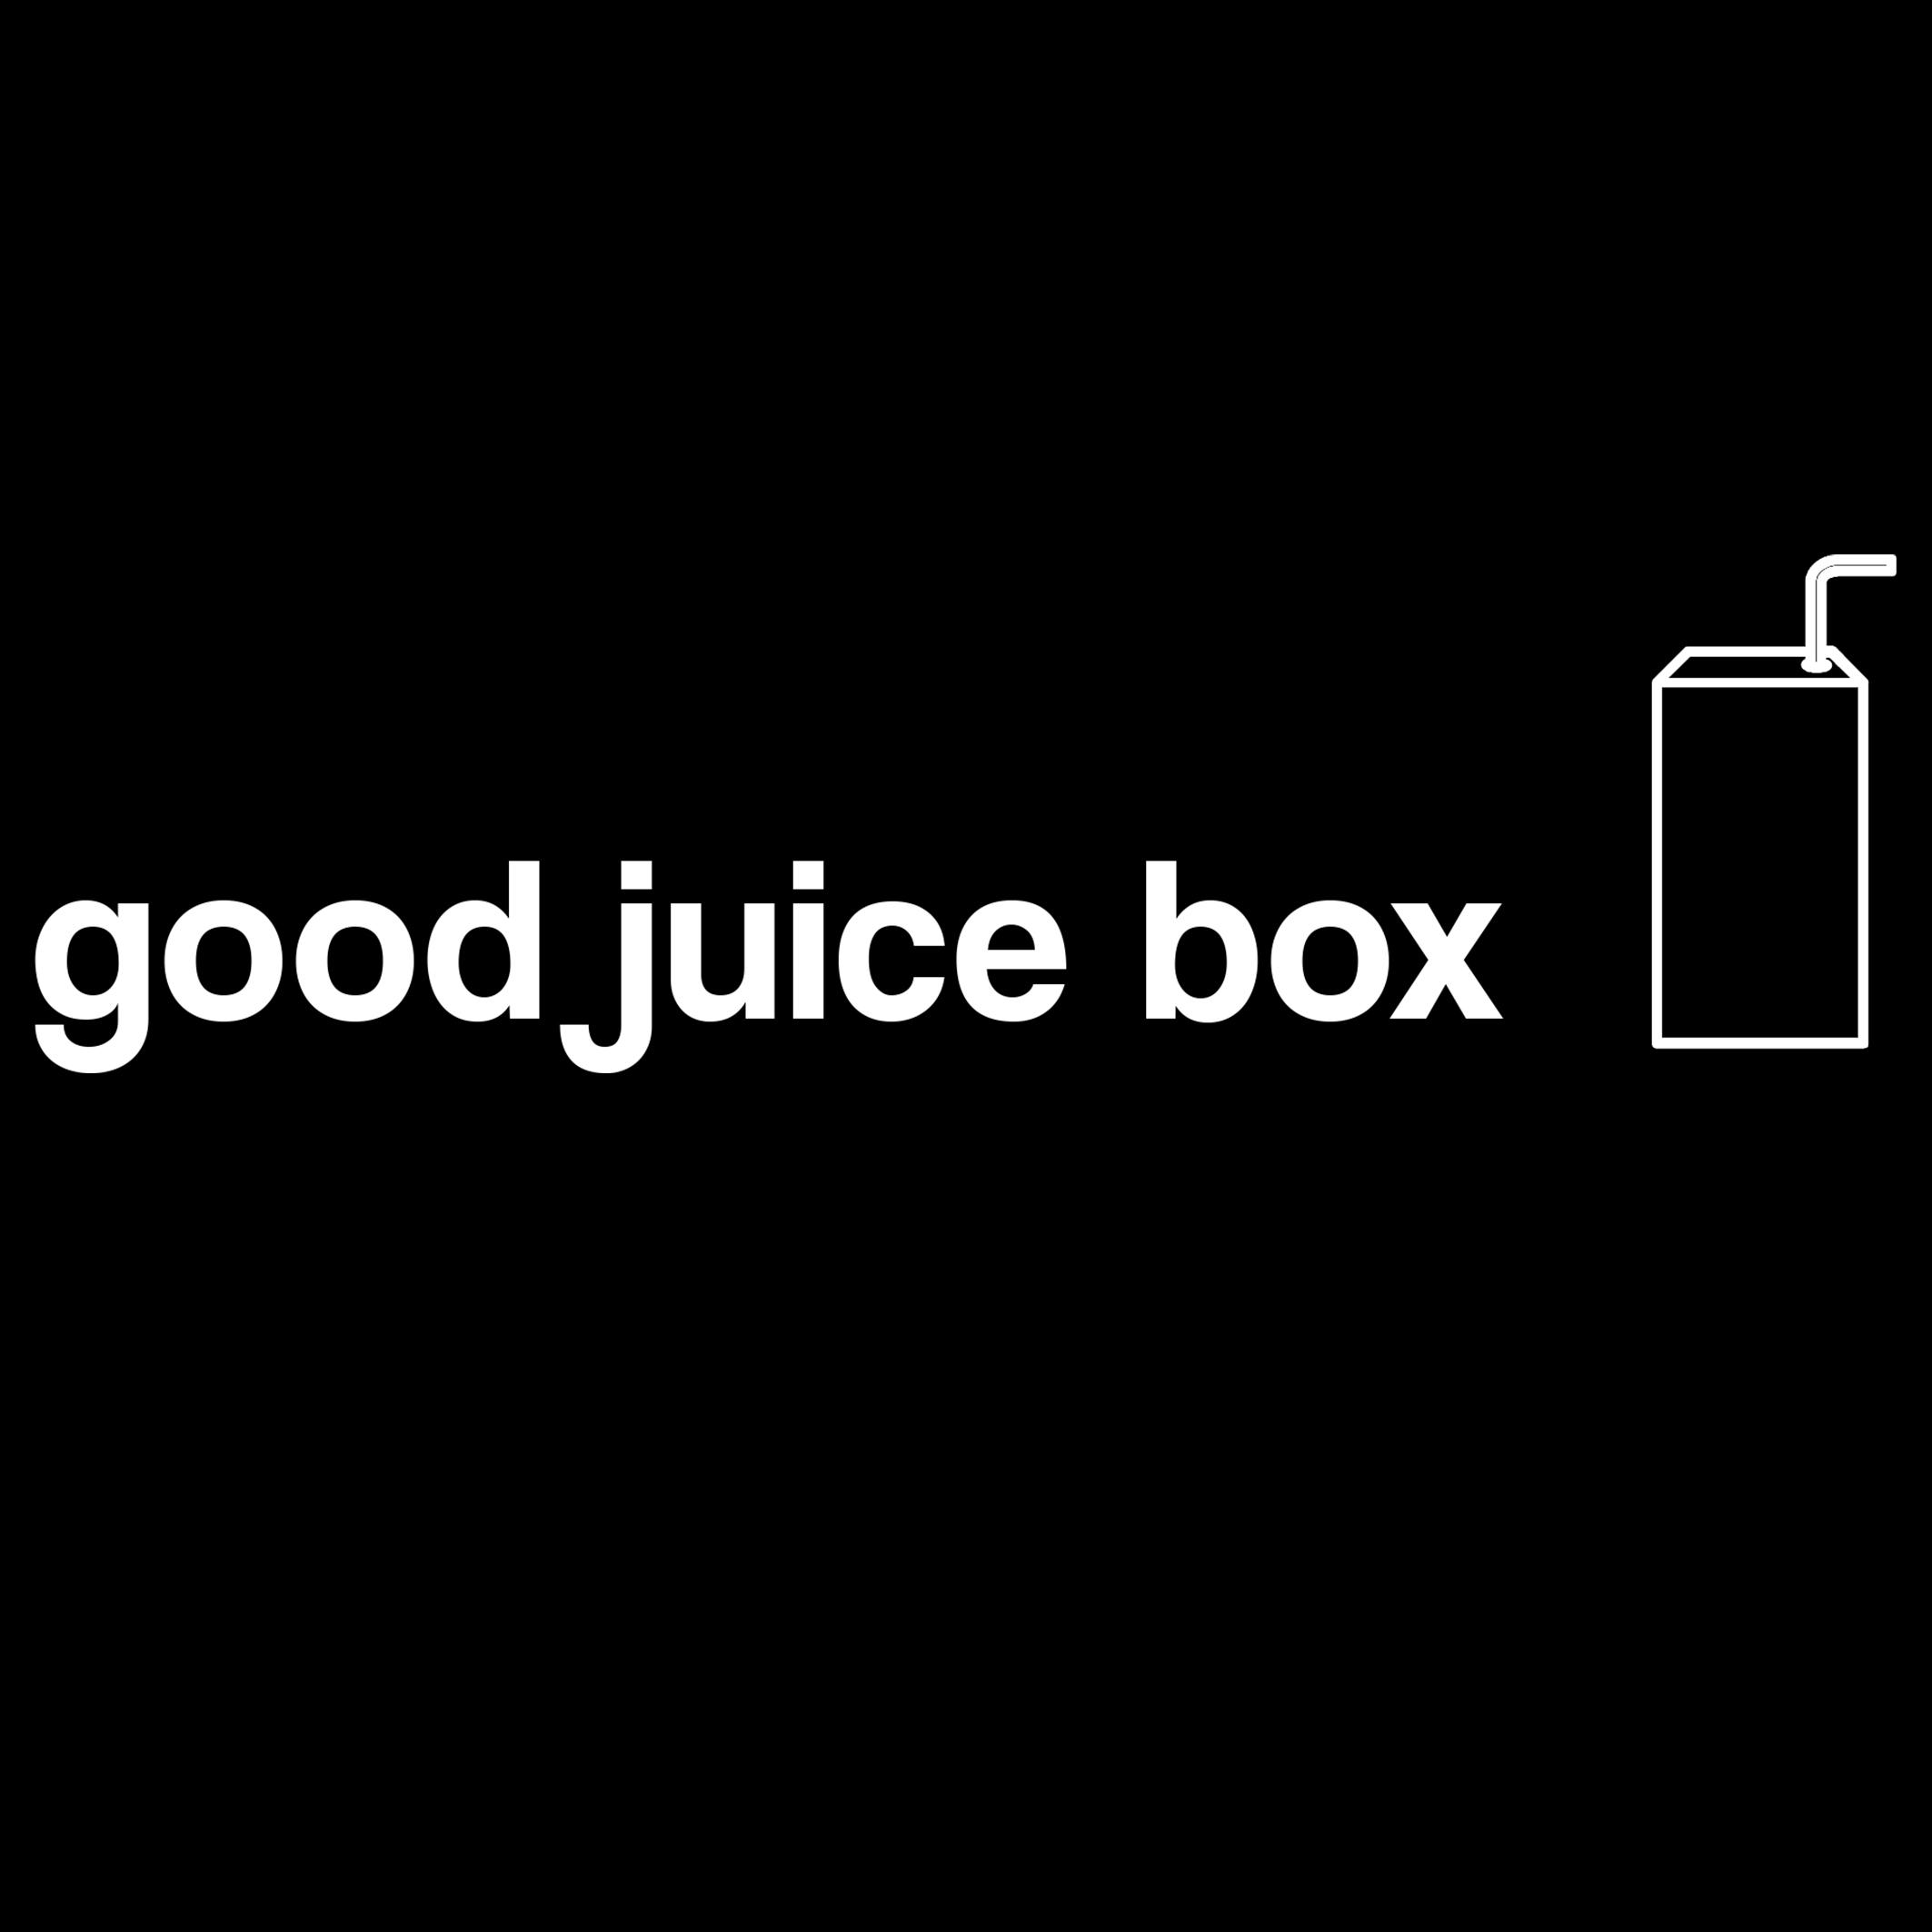 goodjuicebox.jpg